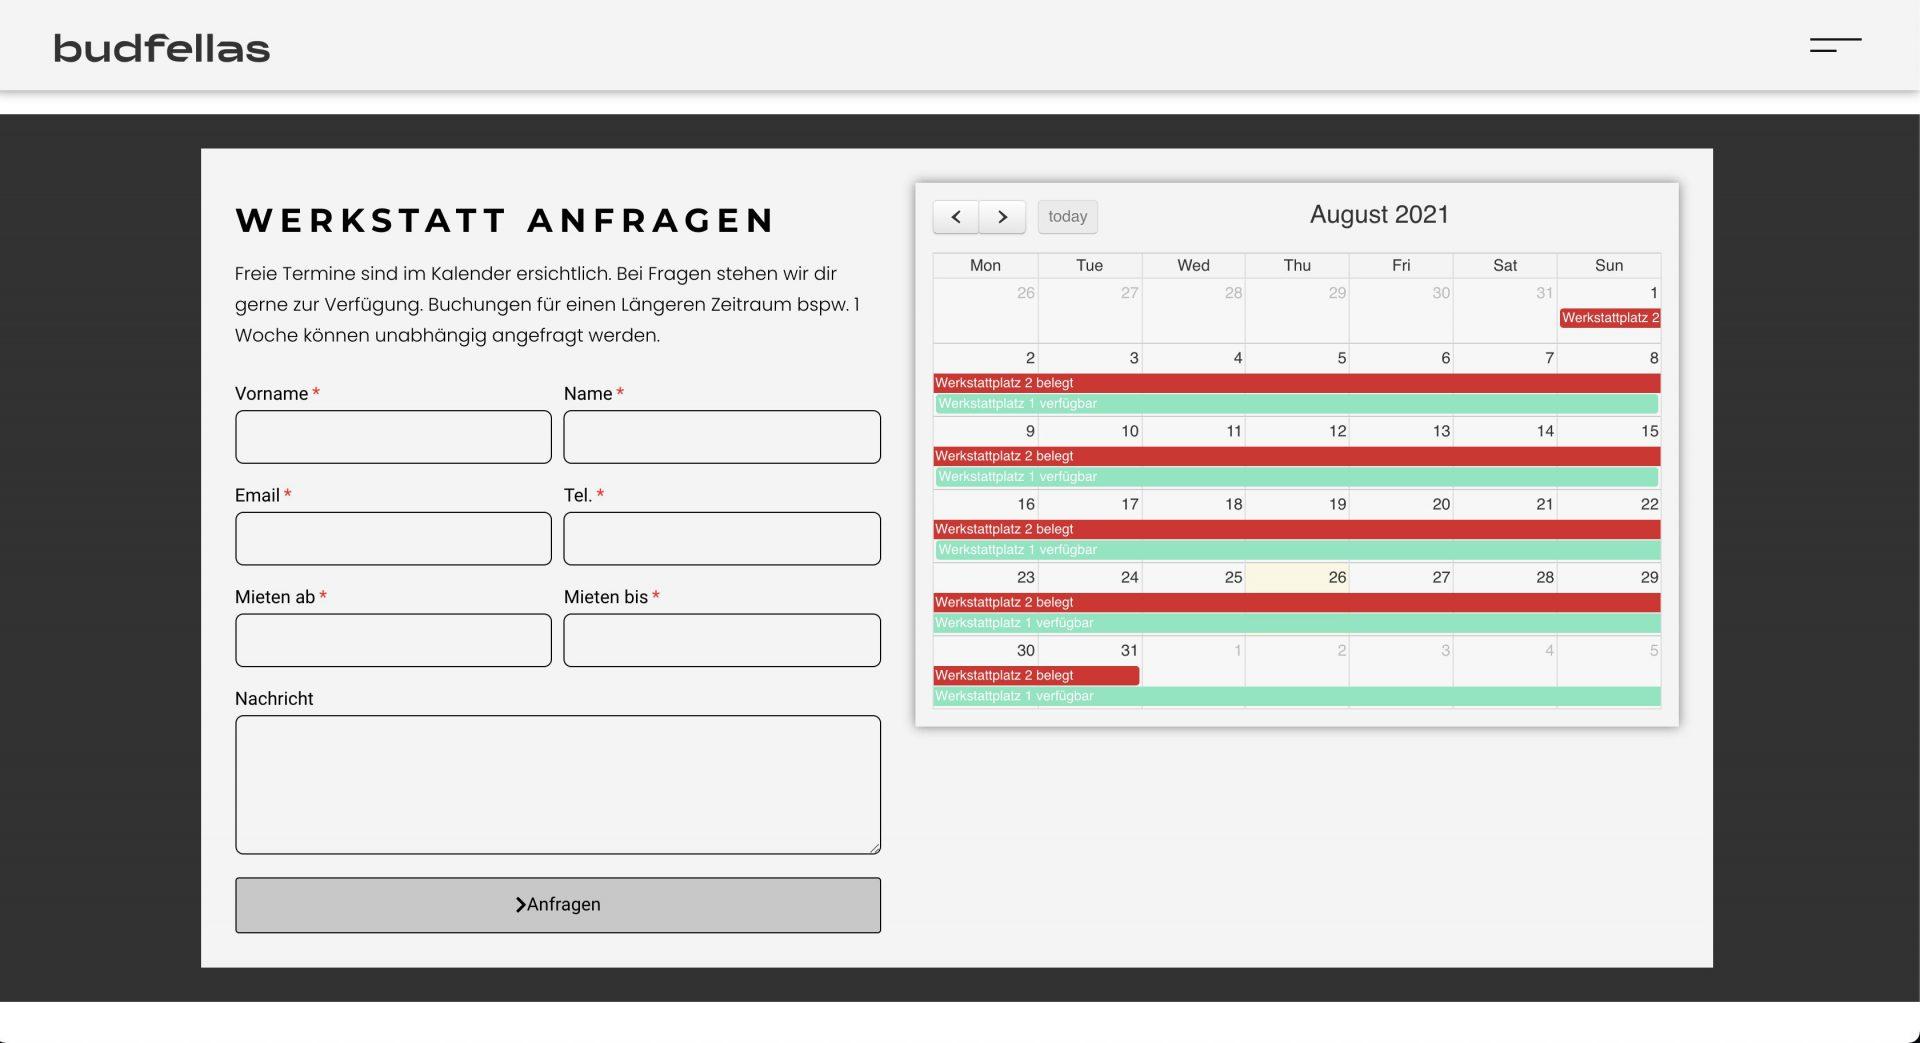 Bildschirmfoto 2021-08-26 um 09.44.45